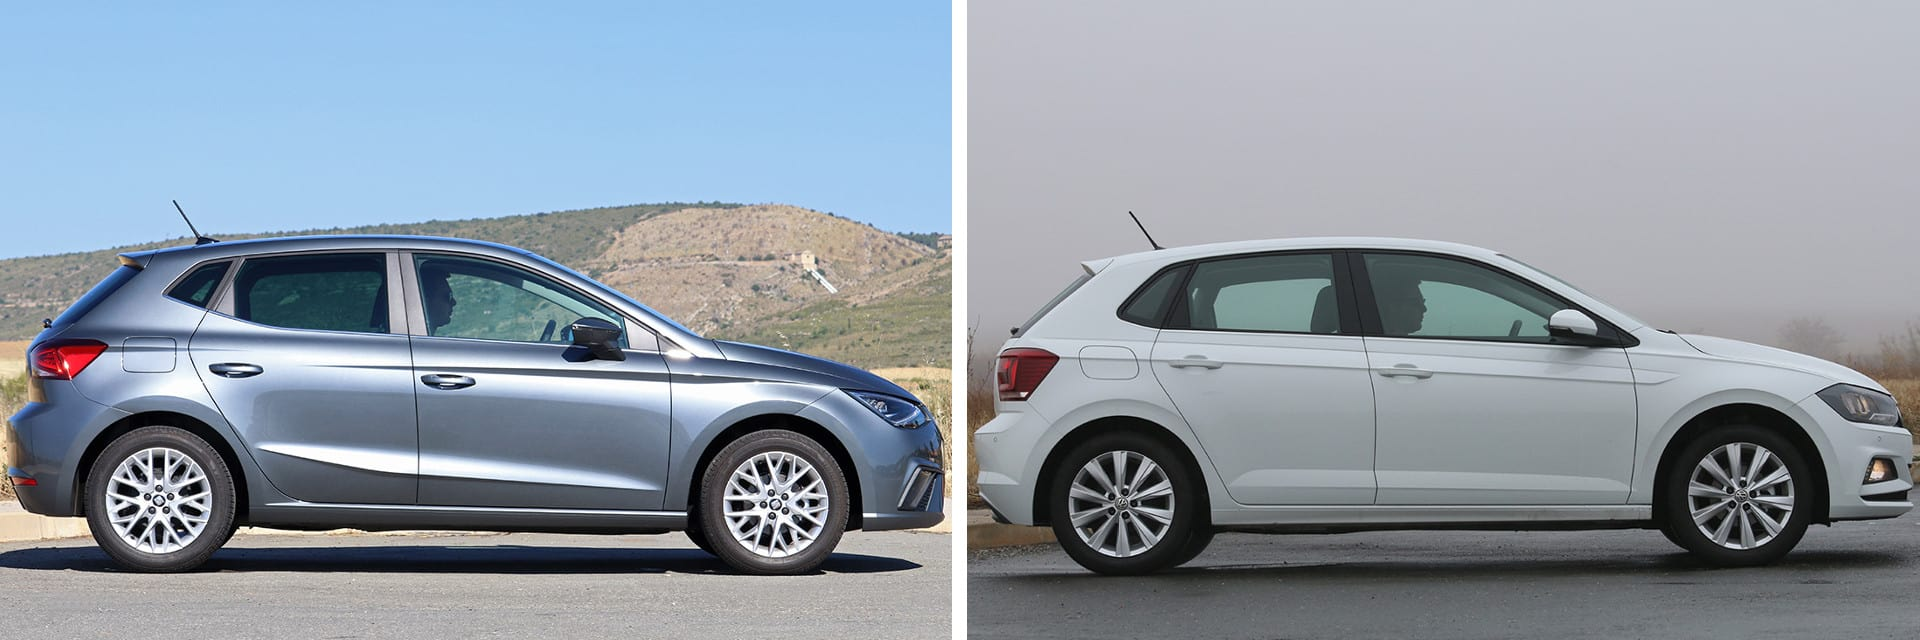 Ambos vehículos responden con un poco de lentitud al salir desde parado.